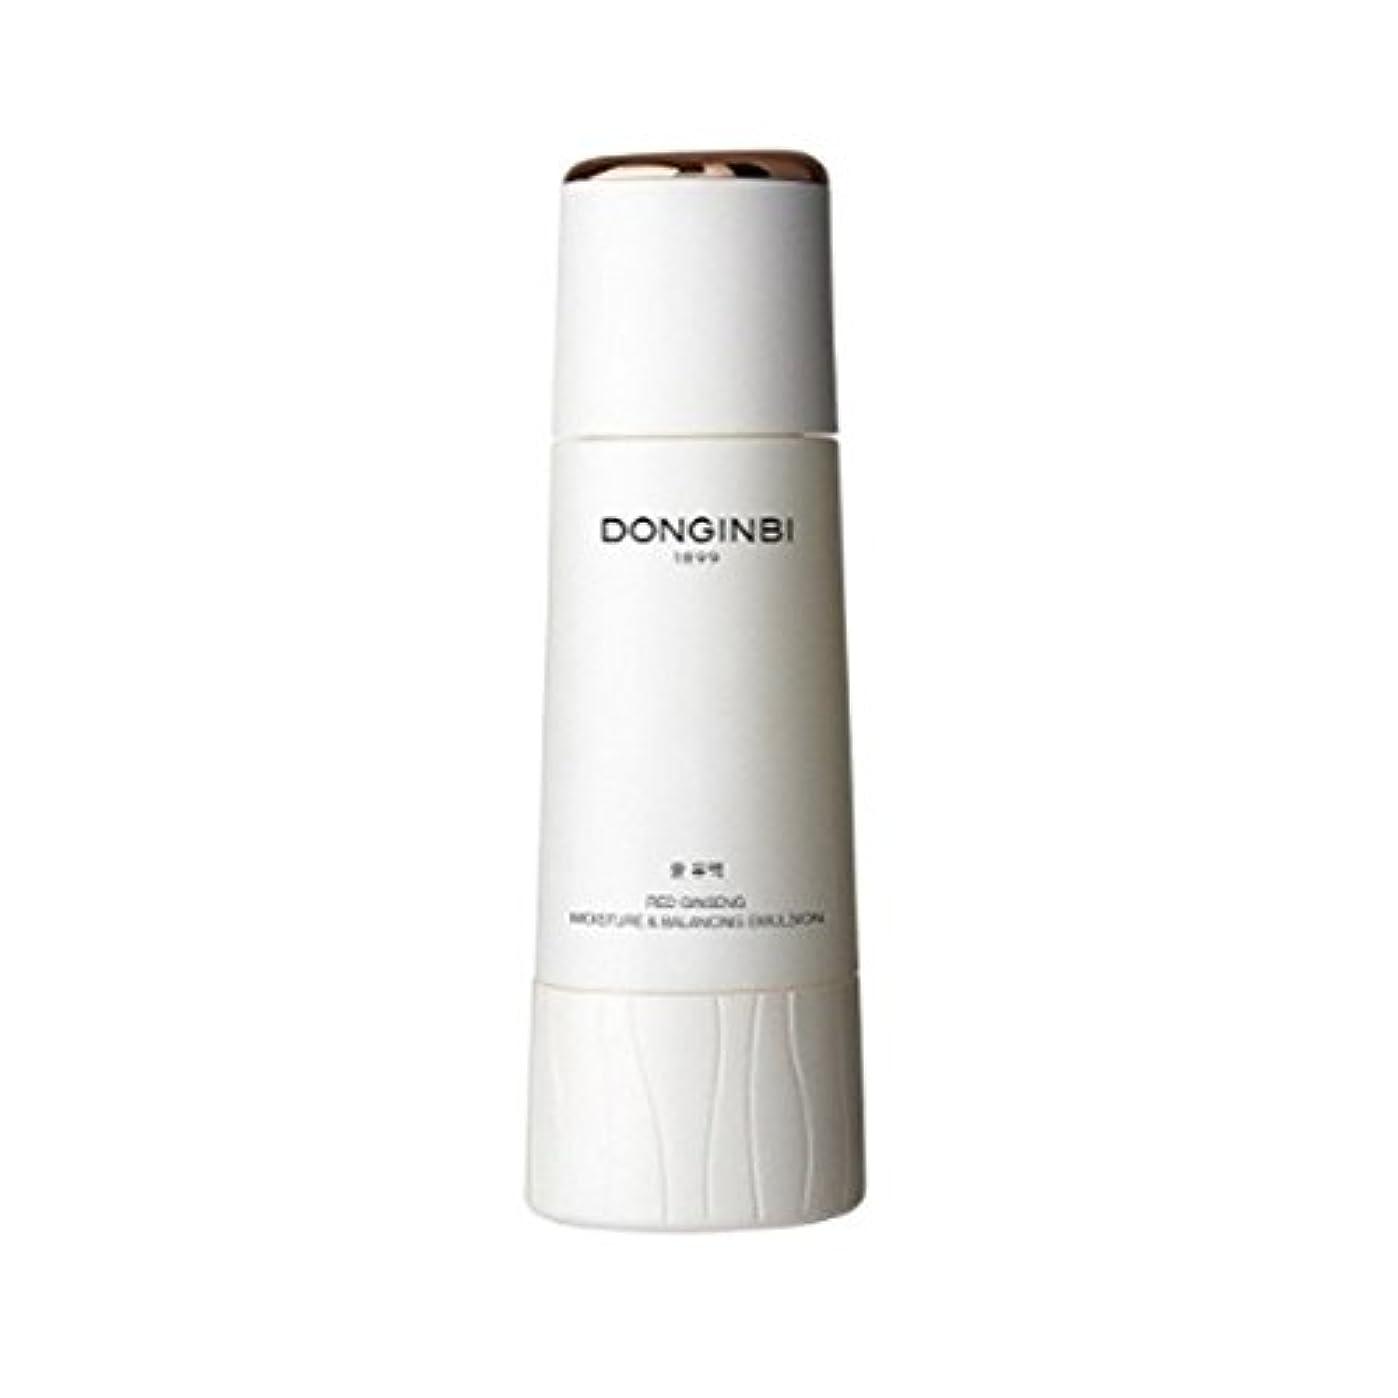 安心させる蒸ケープ[ドンインビ]DONGINBI ドンインビユン 乳液 130ml 海外直送品 Emulsion130ml [並行輸入品]